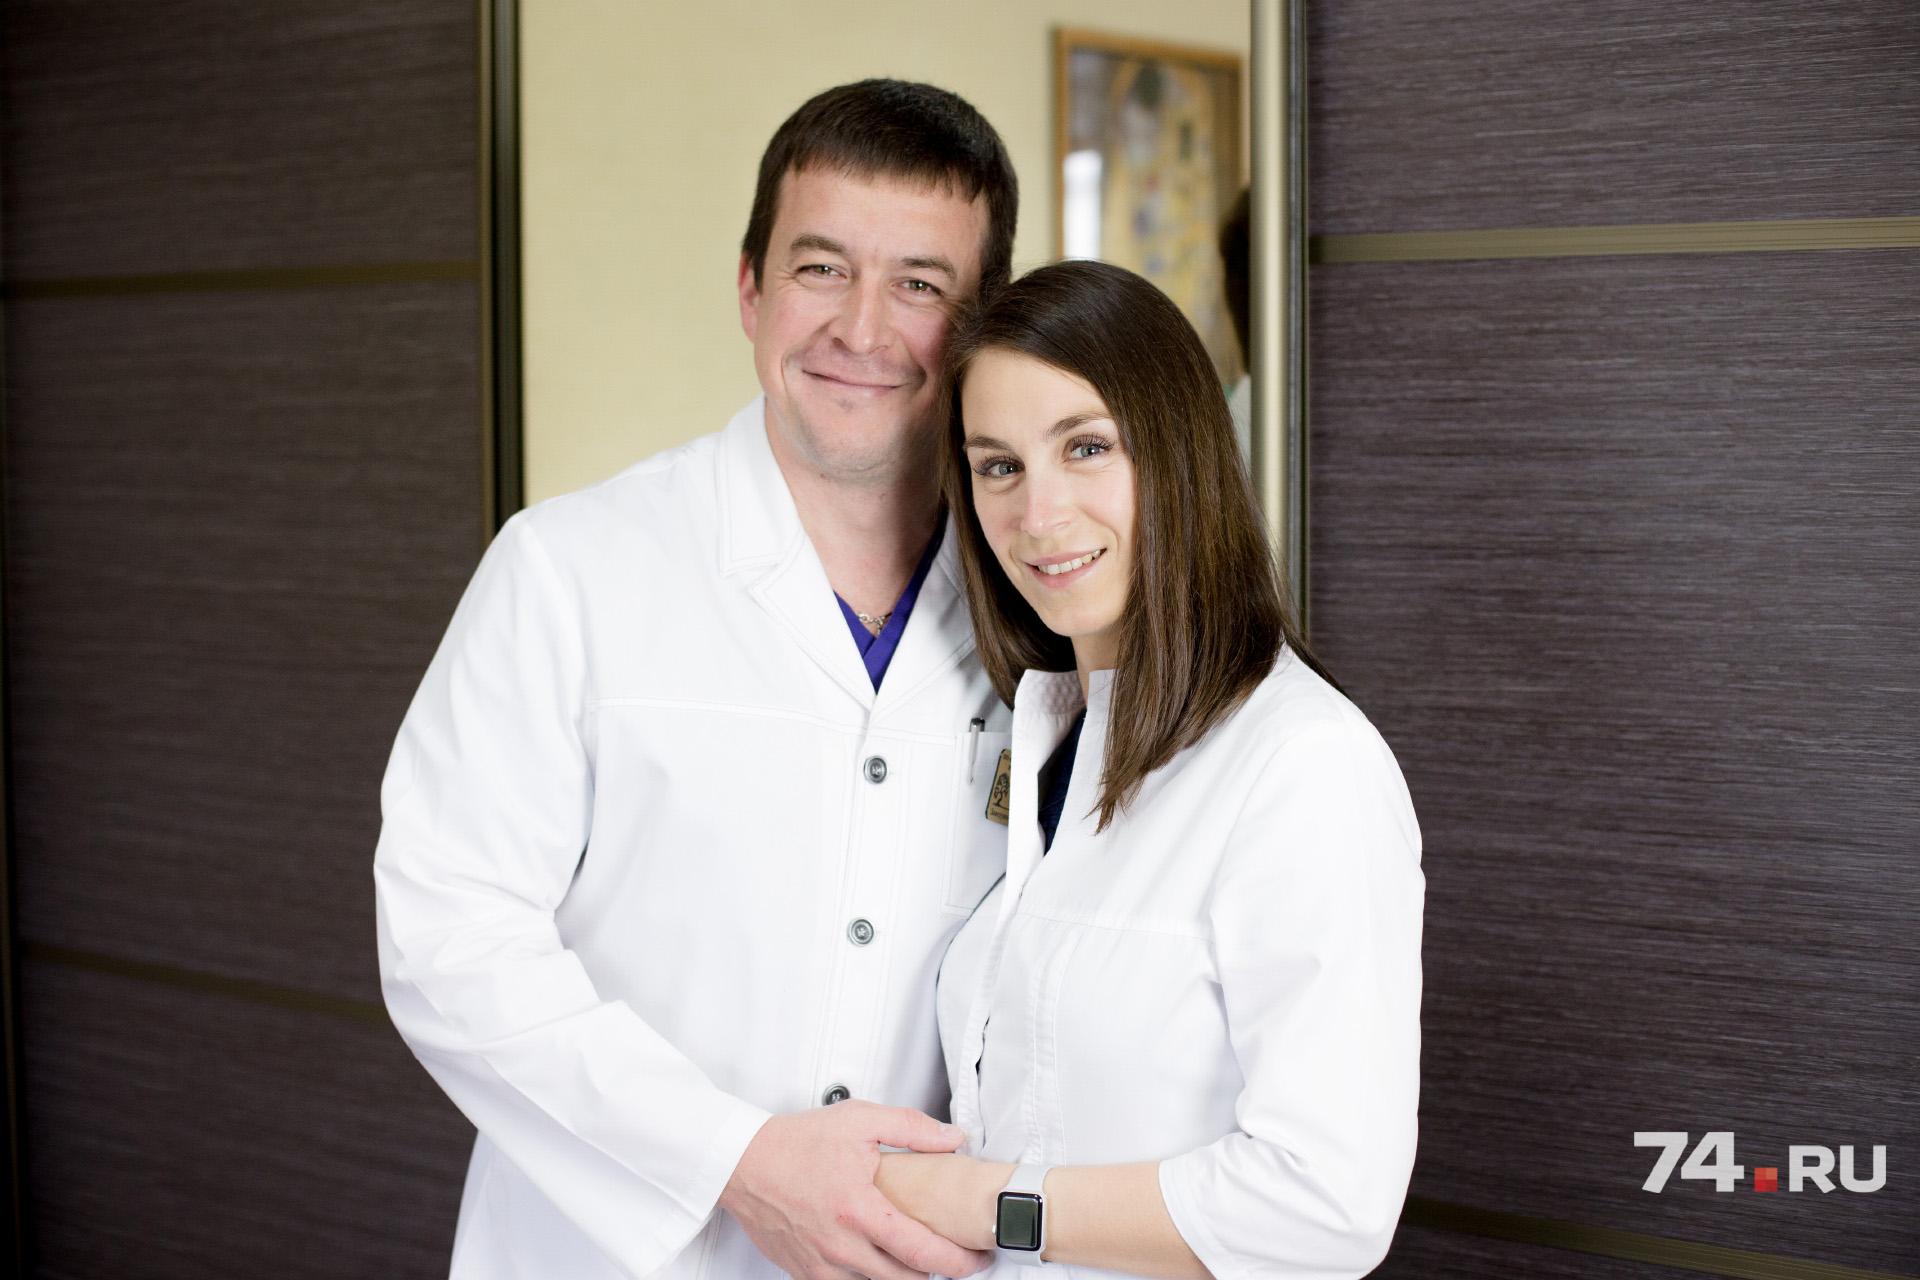 У Виктора Шкаредных и Ольги Дорофеевой всегда находится повод созвониться во время рабочего дня